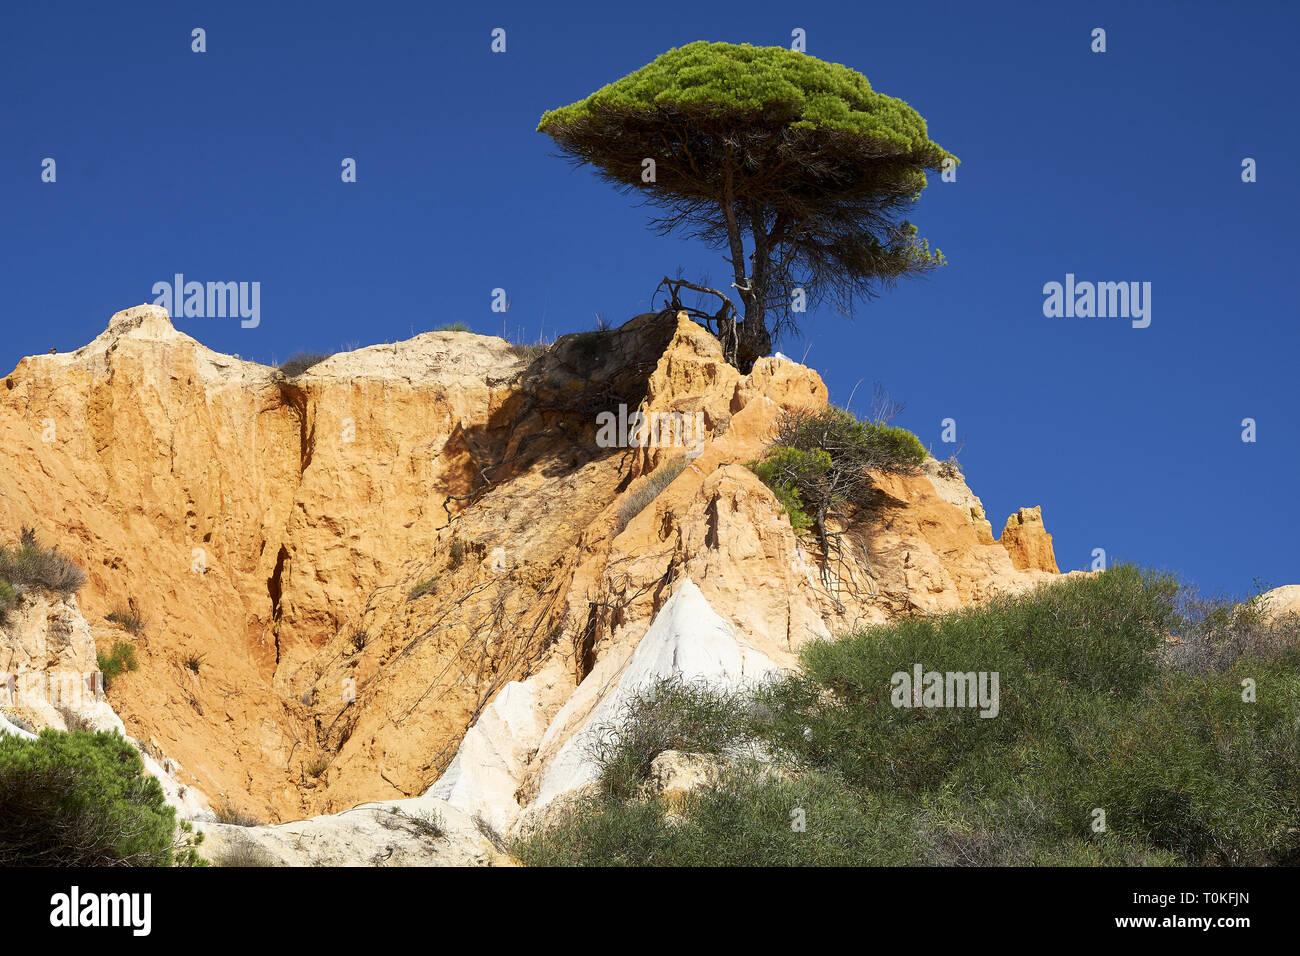 Praia da Falésia (Praia das Belharucas Barranco), Vilamoura, Quarteira, Faro, Algarve, Portugal Banque D'Images